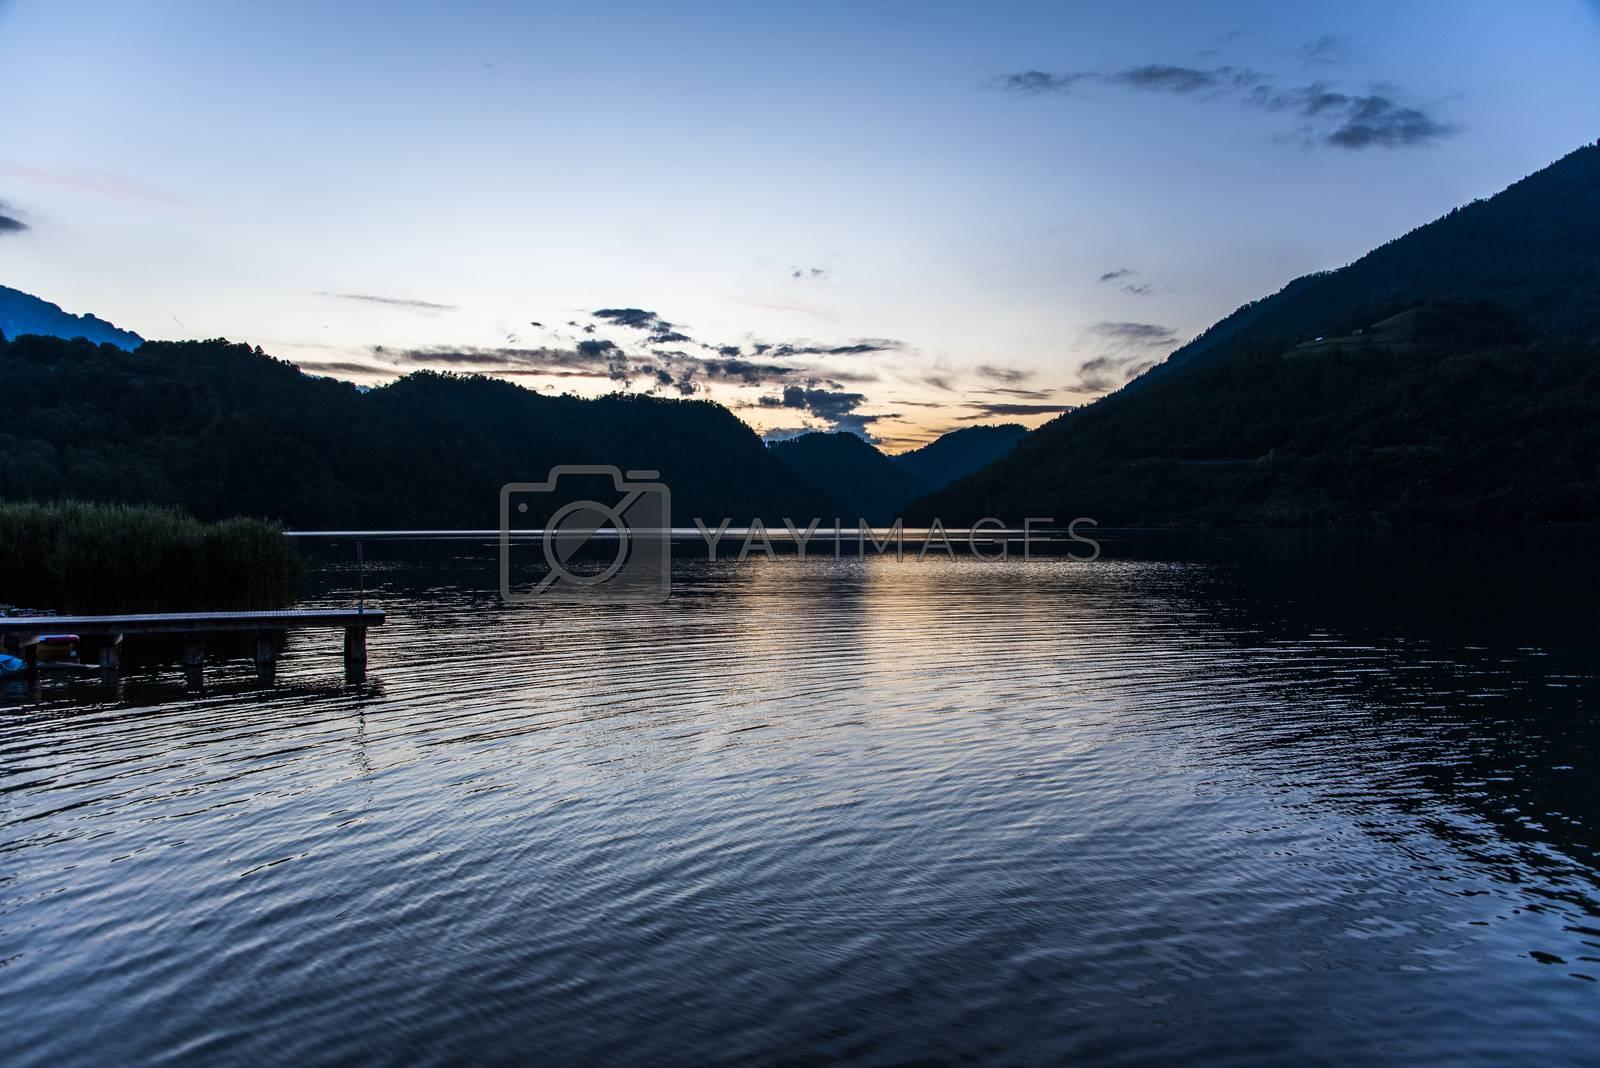 sunset on Lake Levico, Trento Italy